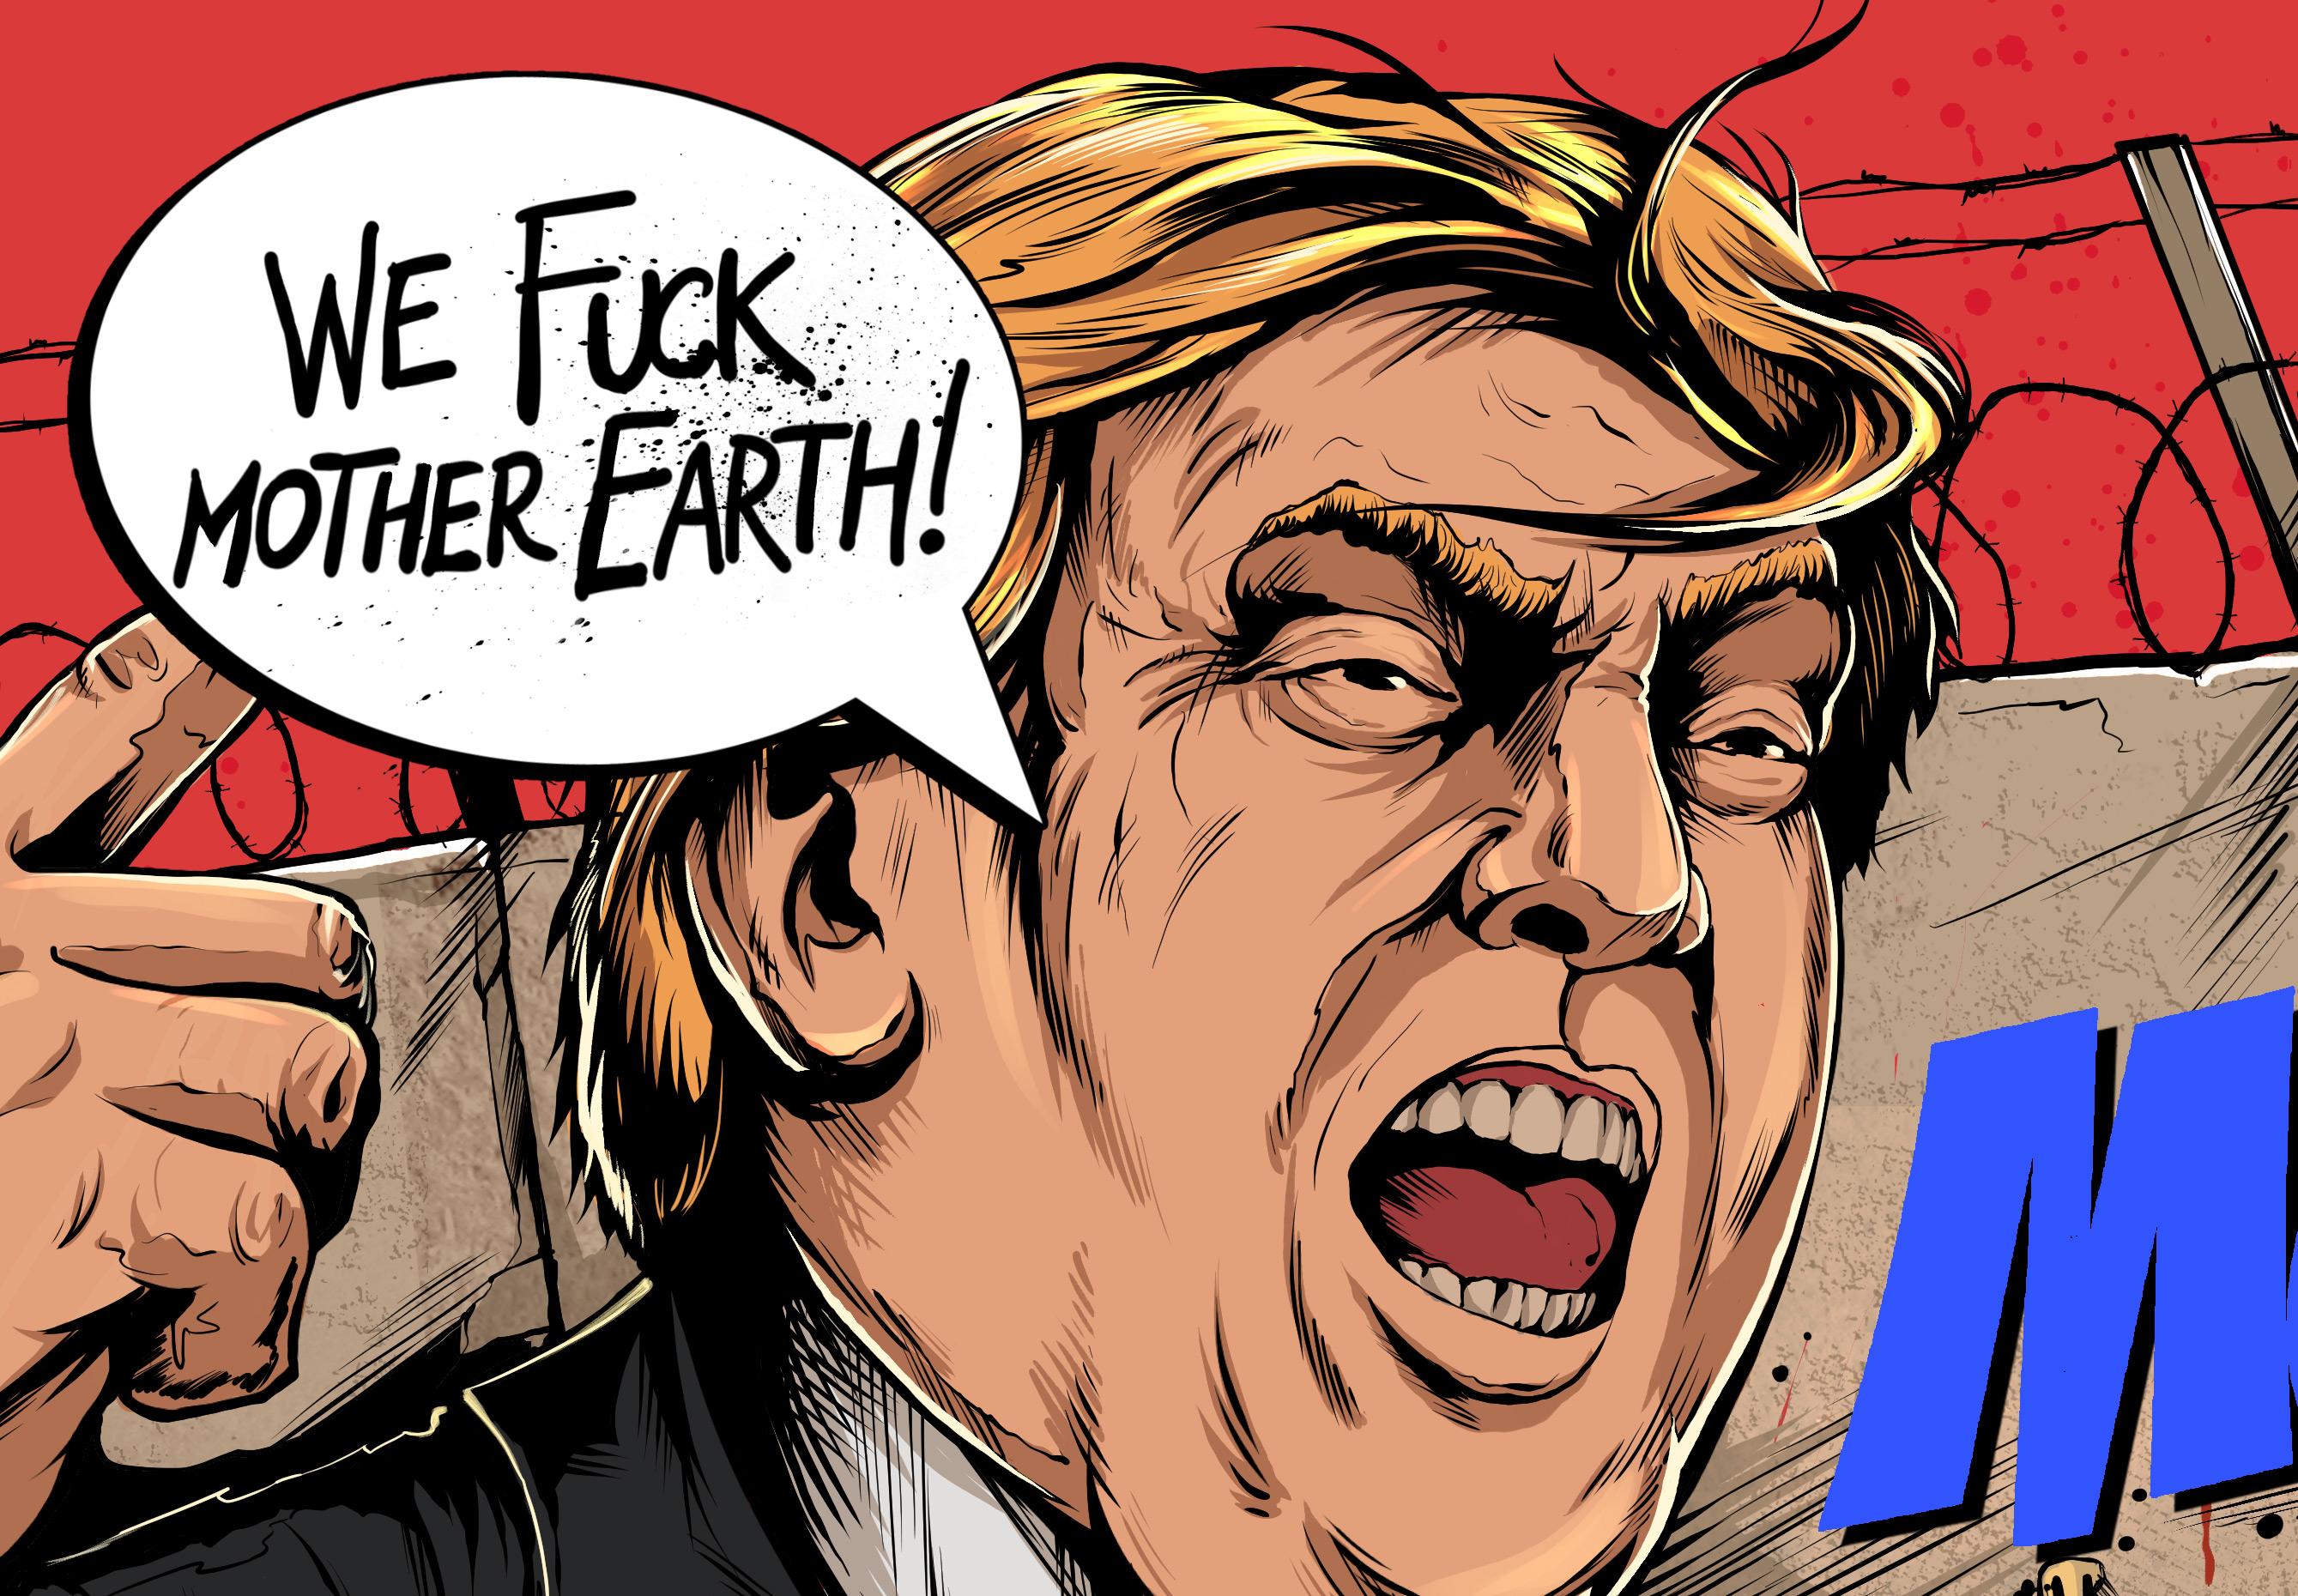 Трамп и его мексиканско-американская стена